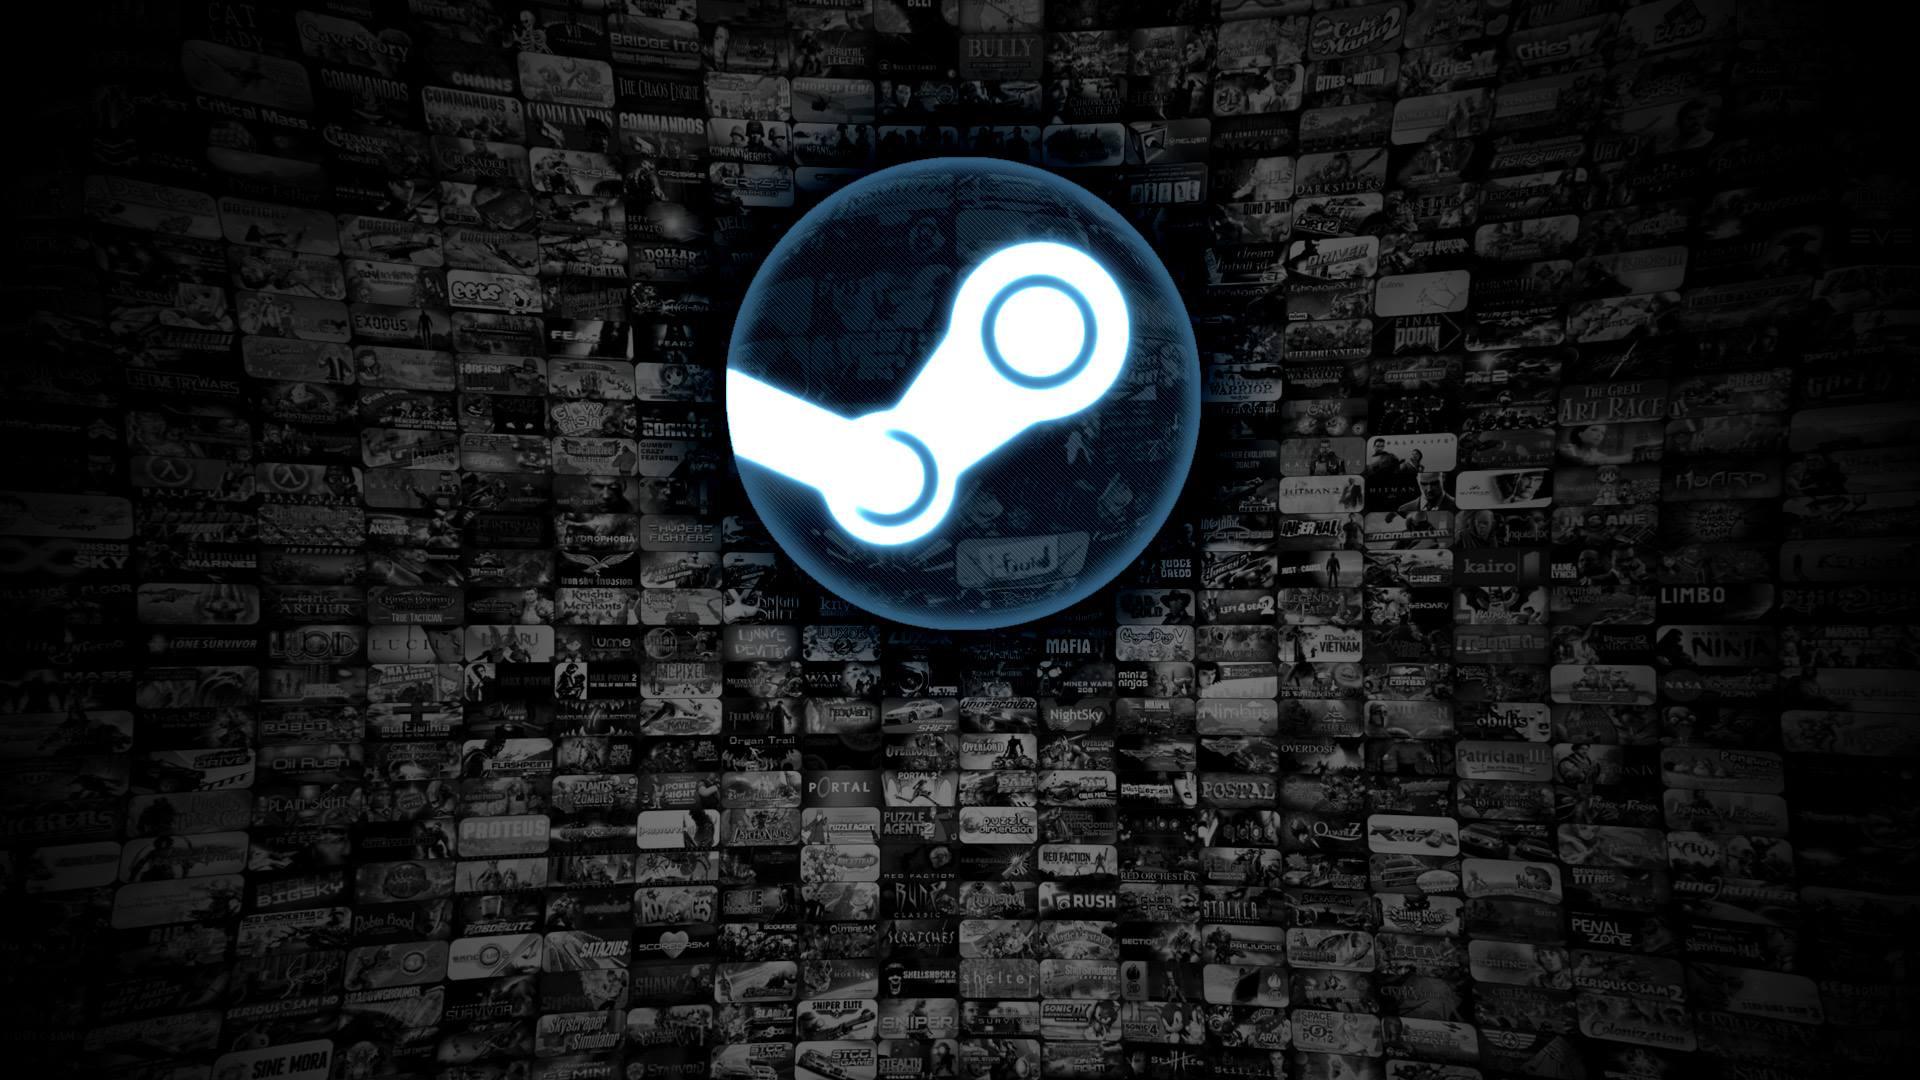 Steam.tv